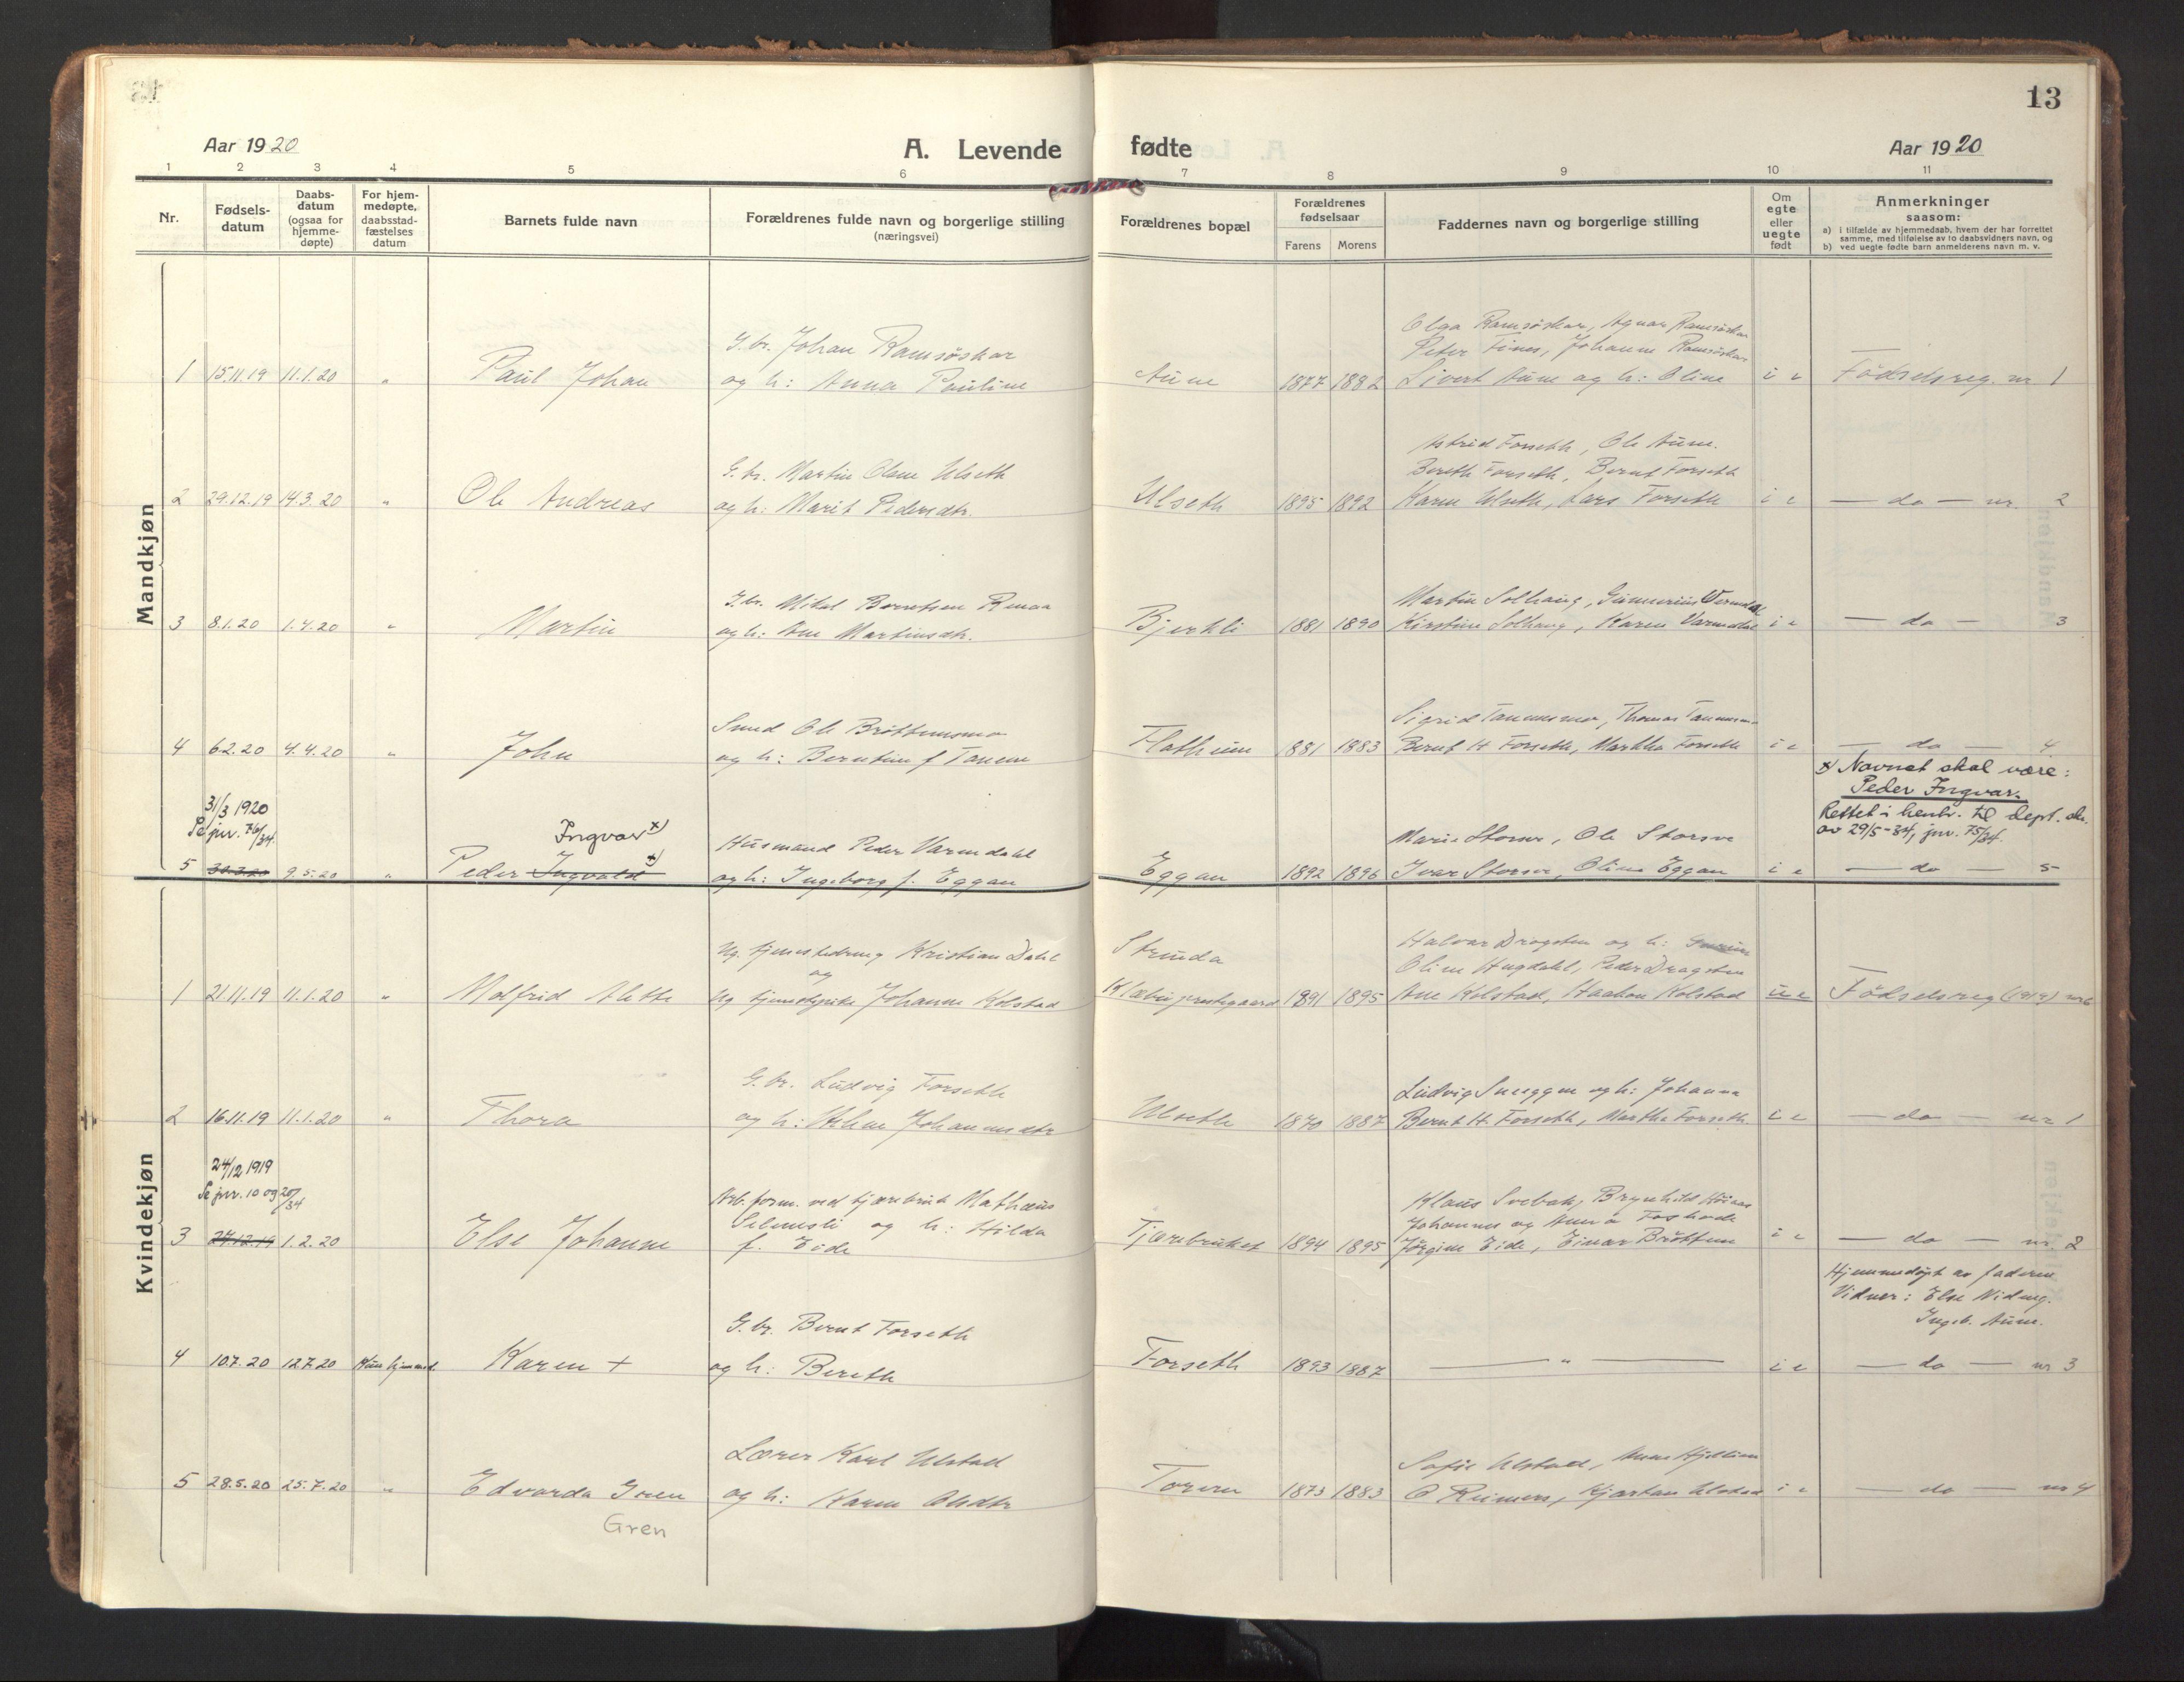 SAT, Ministerialprotokoller, klokkerbøker og fødselsregistre - Sør-Trøndelag, 618/L0449: Ministerialbok nr. 618A12, 1917-1924, s. 13